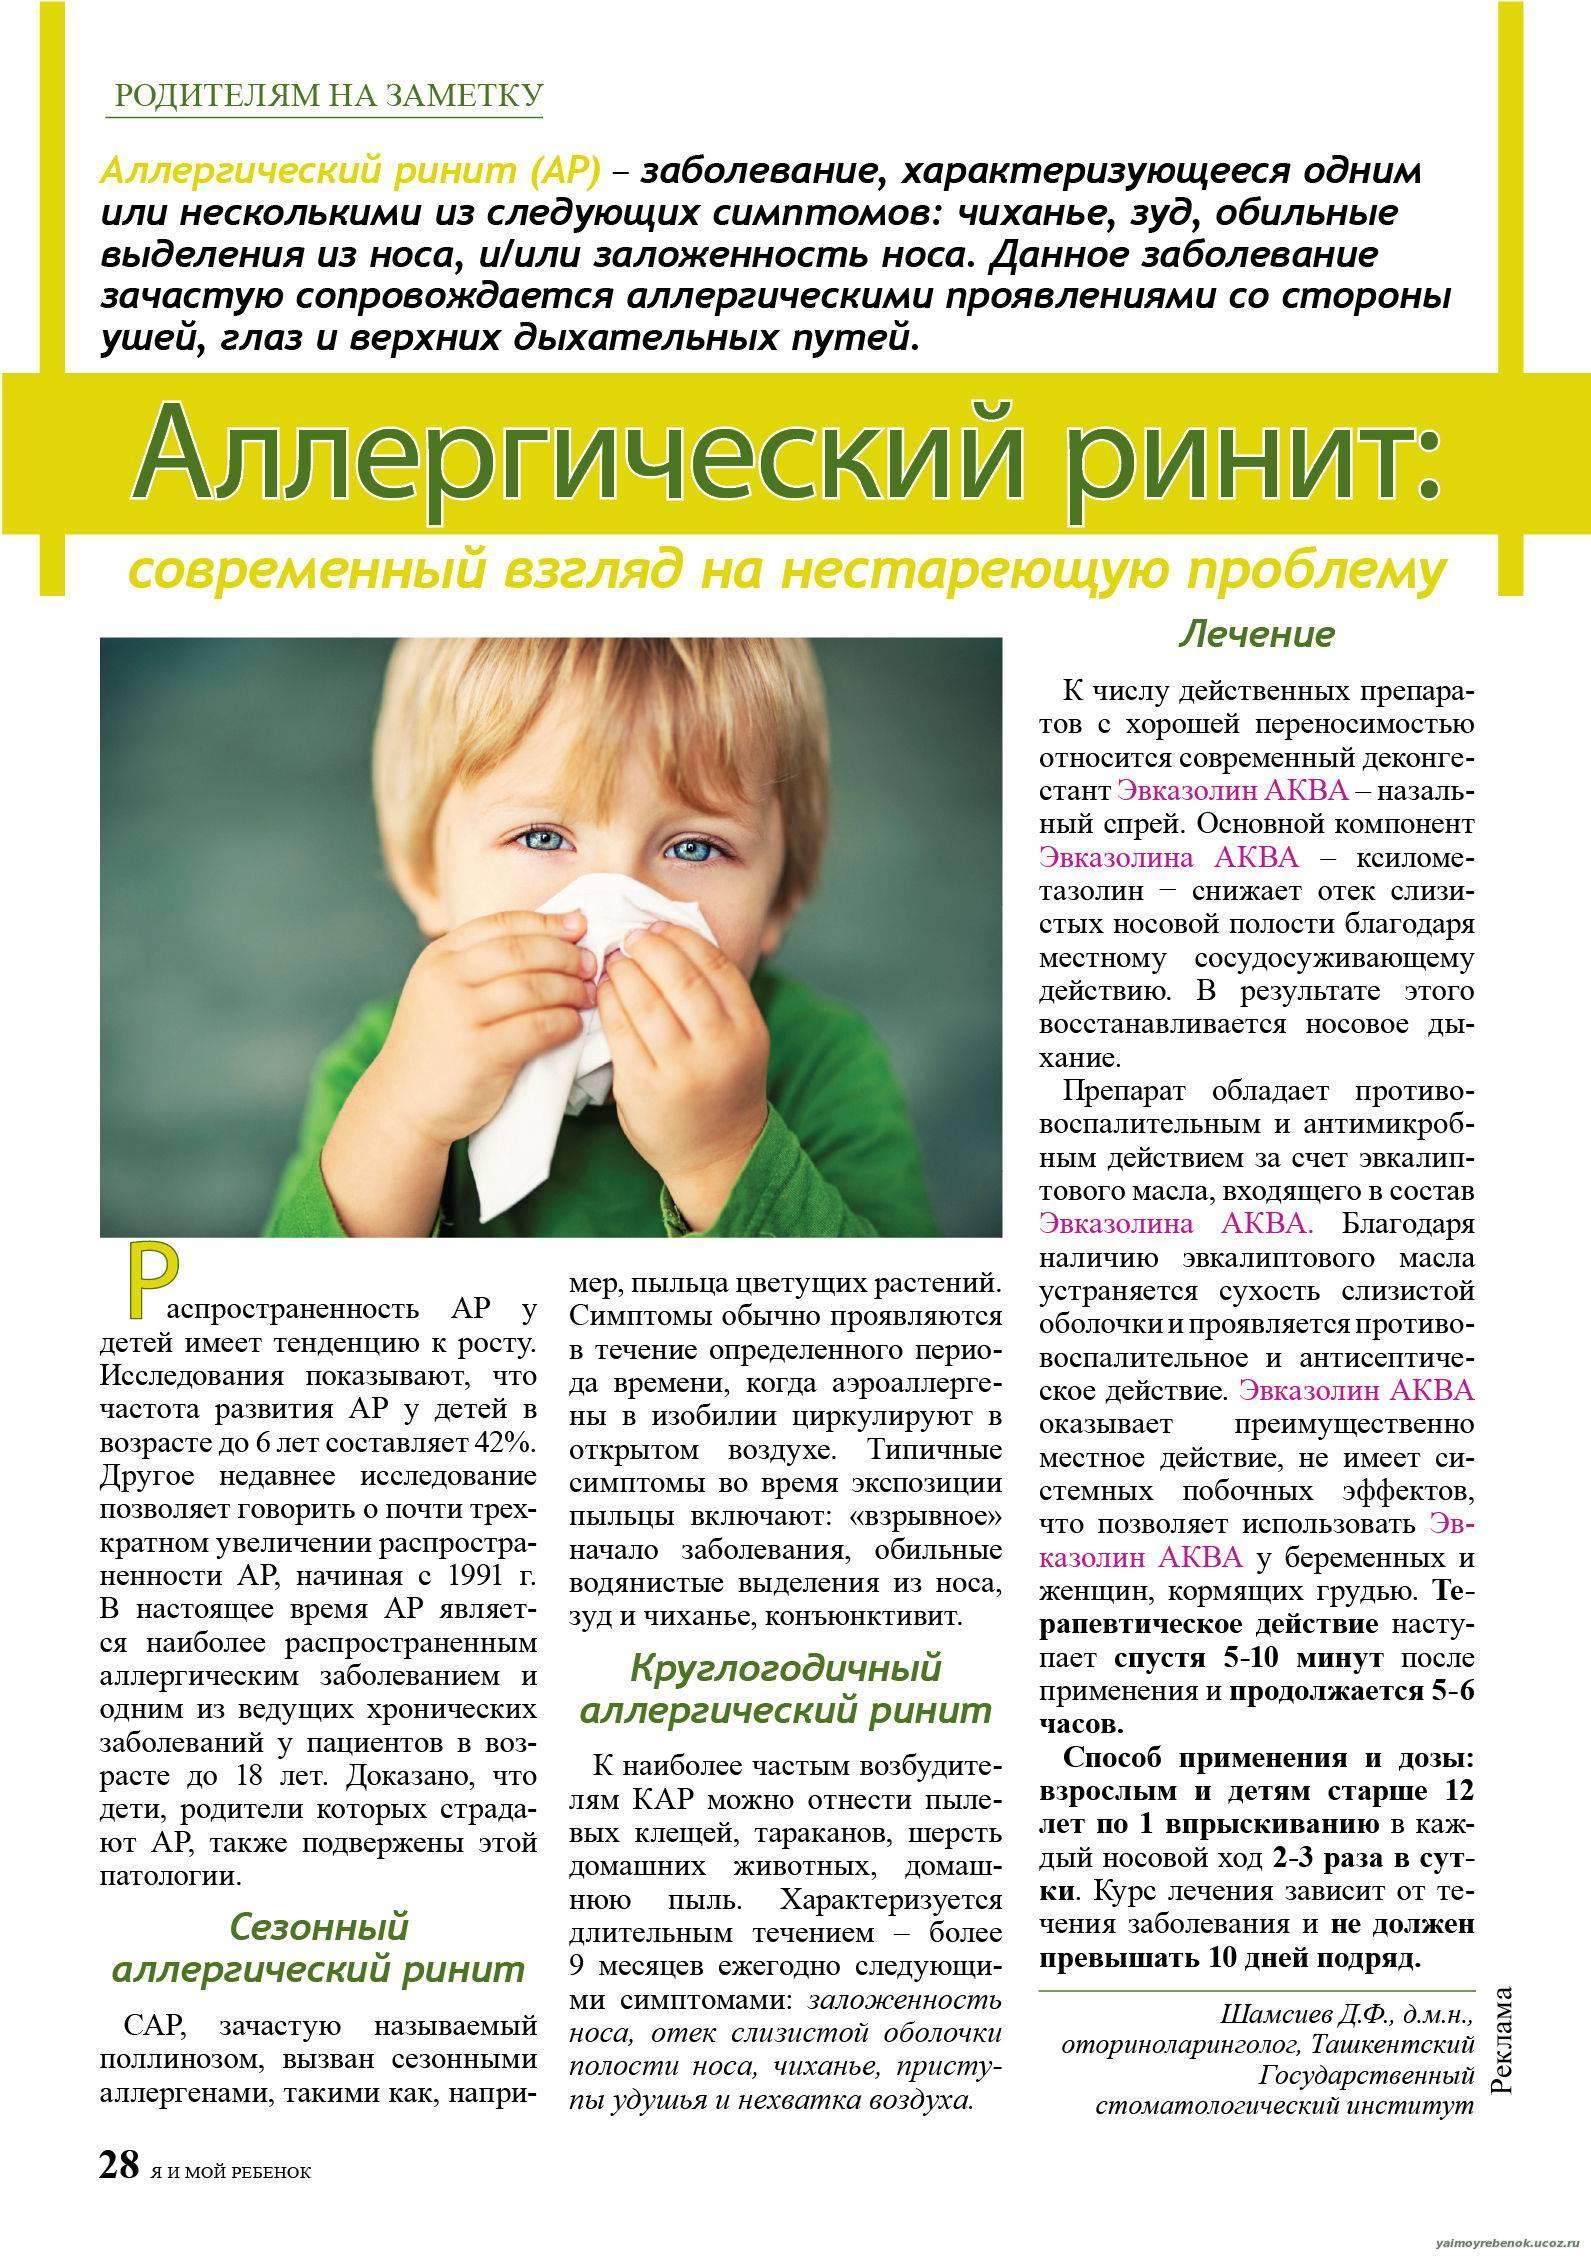 Сезонный аллергический ринит у детей: лечение и профилактика